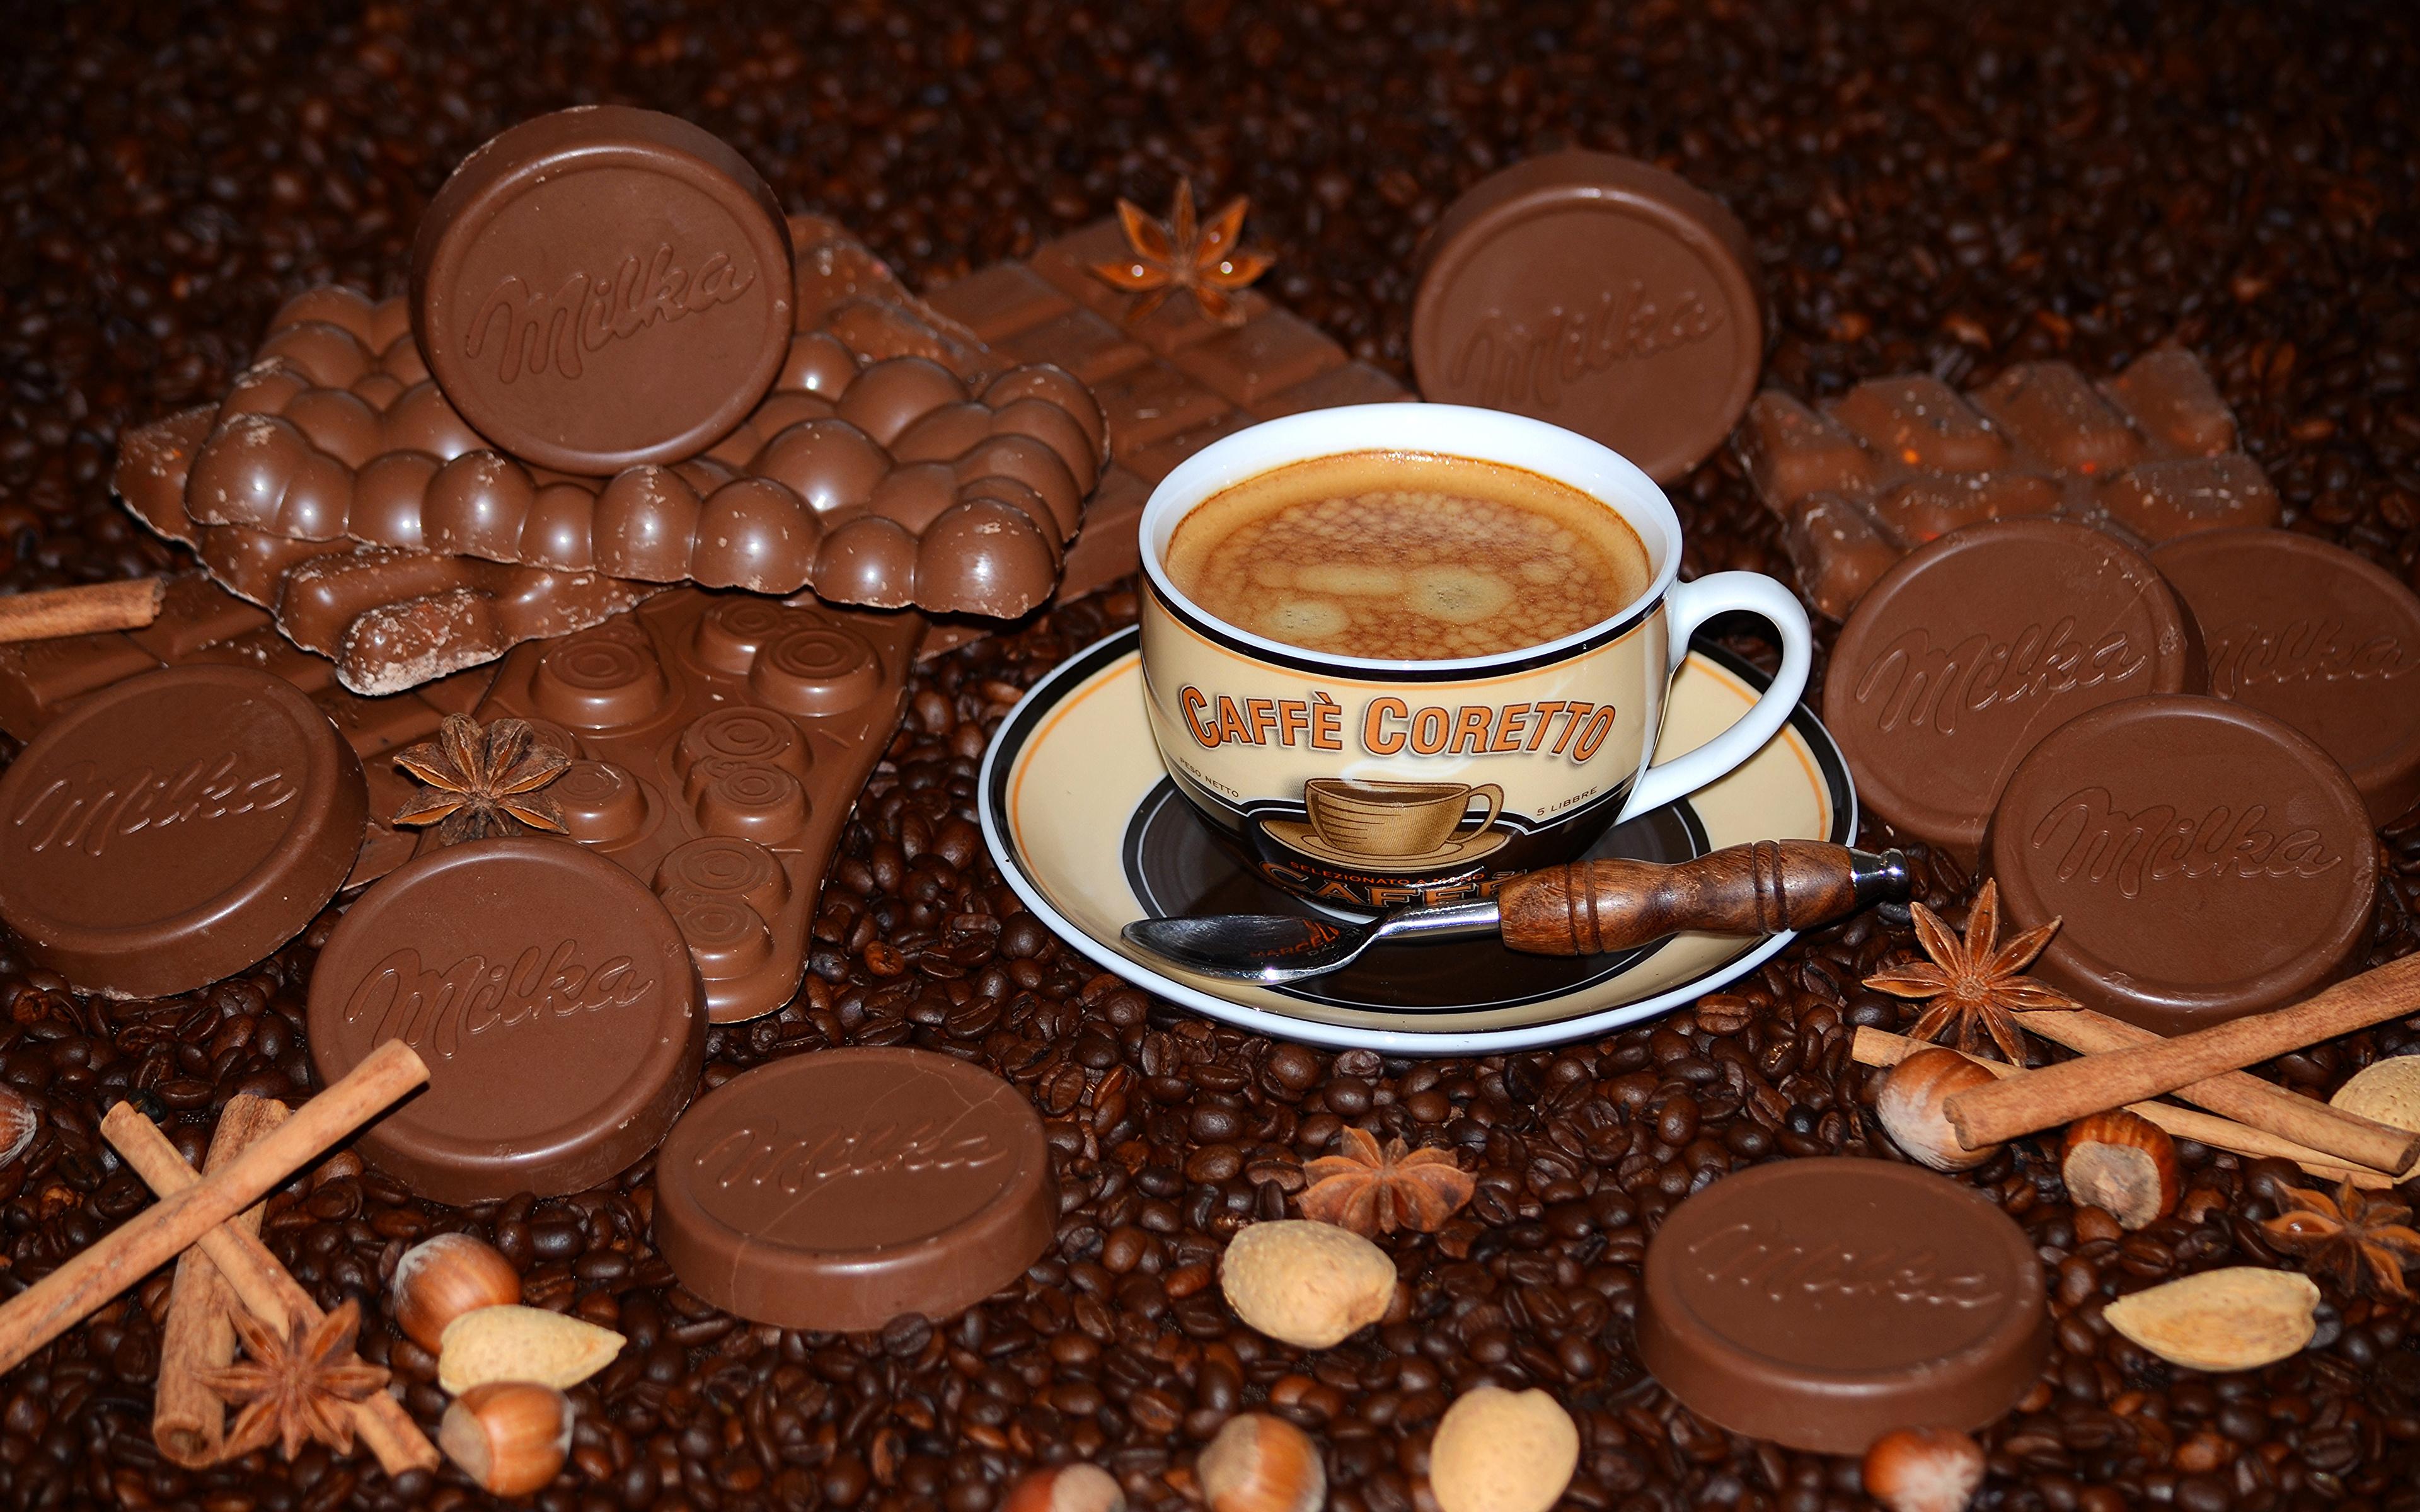 Картинки с конфетами и шоколадом с добрым утром